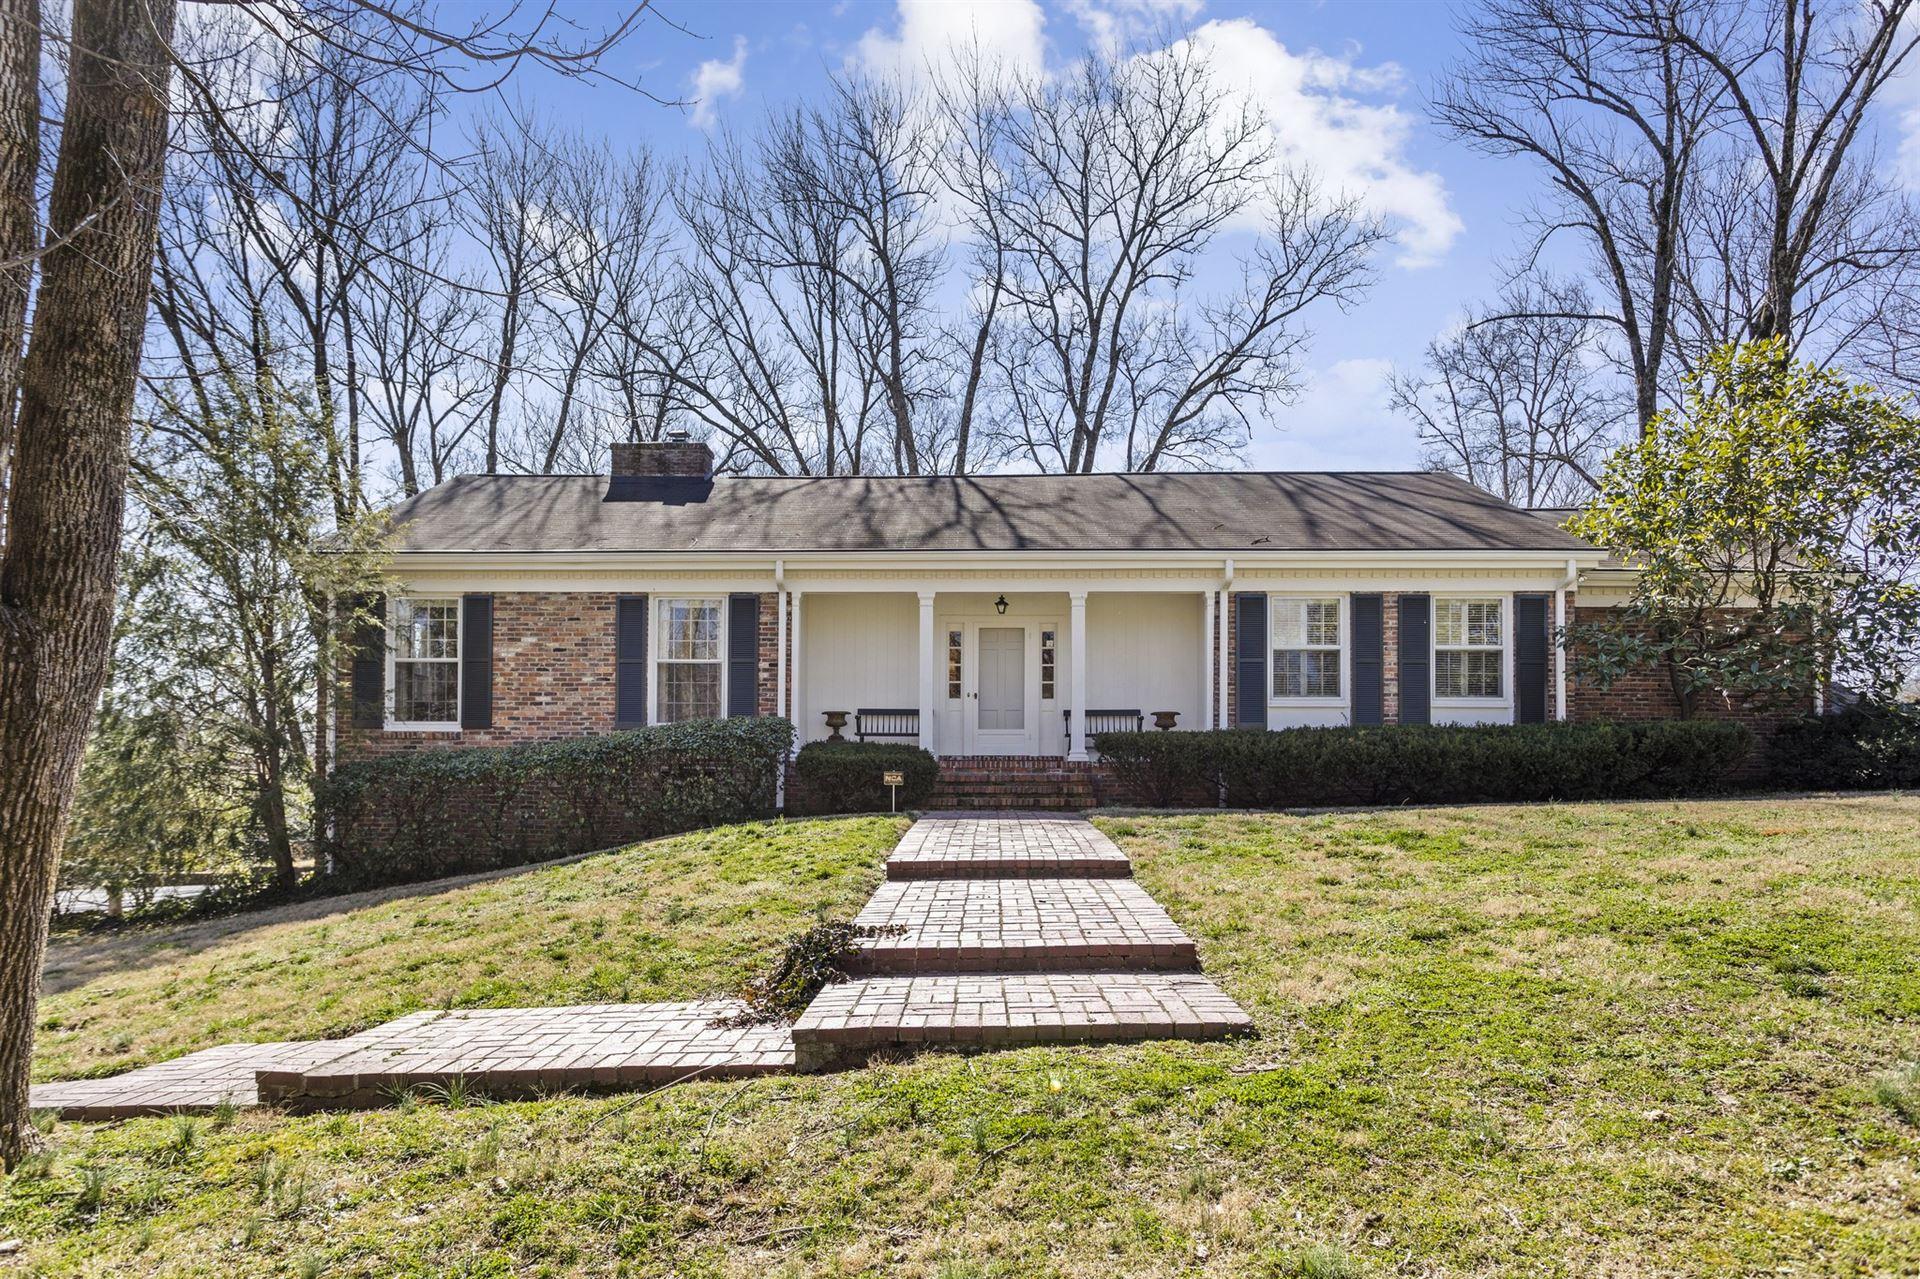 503 Huckleberry Rd, Nashville, TN 37205 - MLS#: 2233257